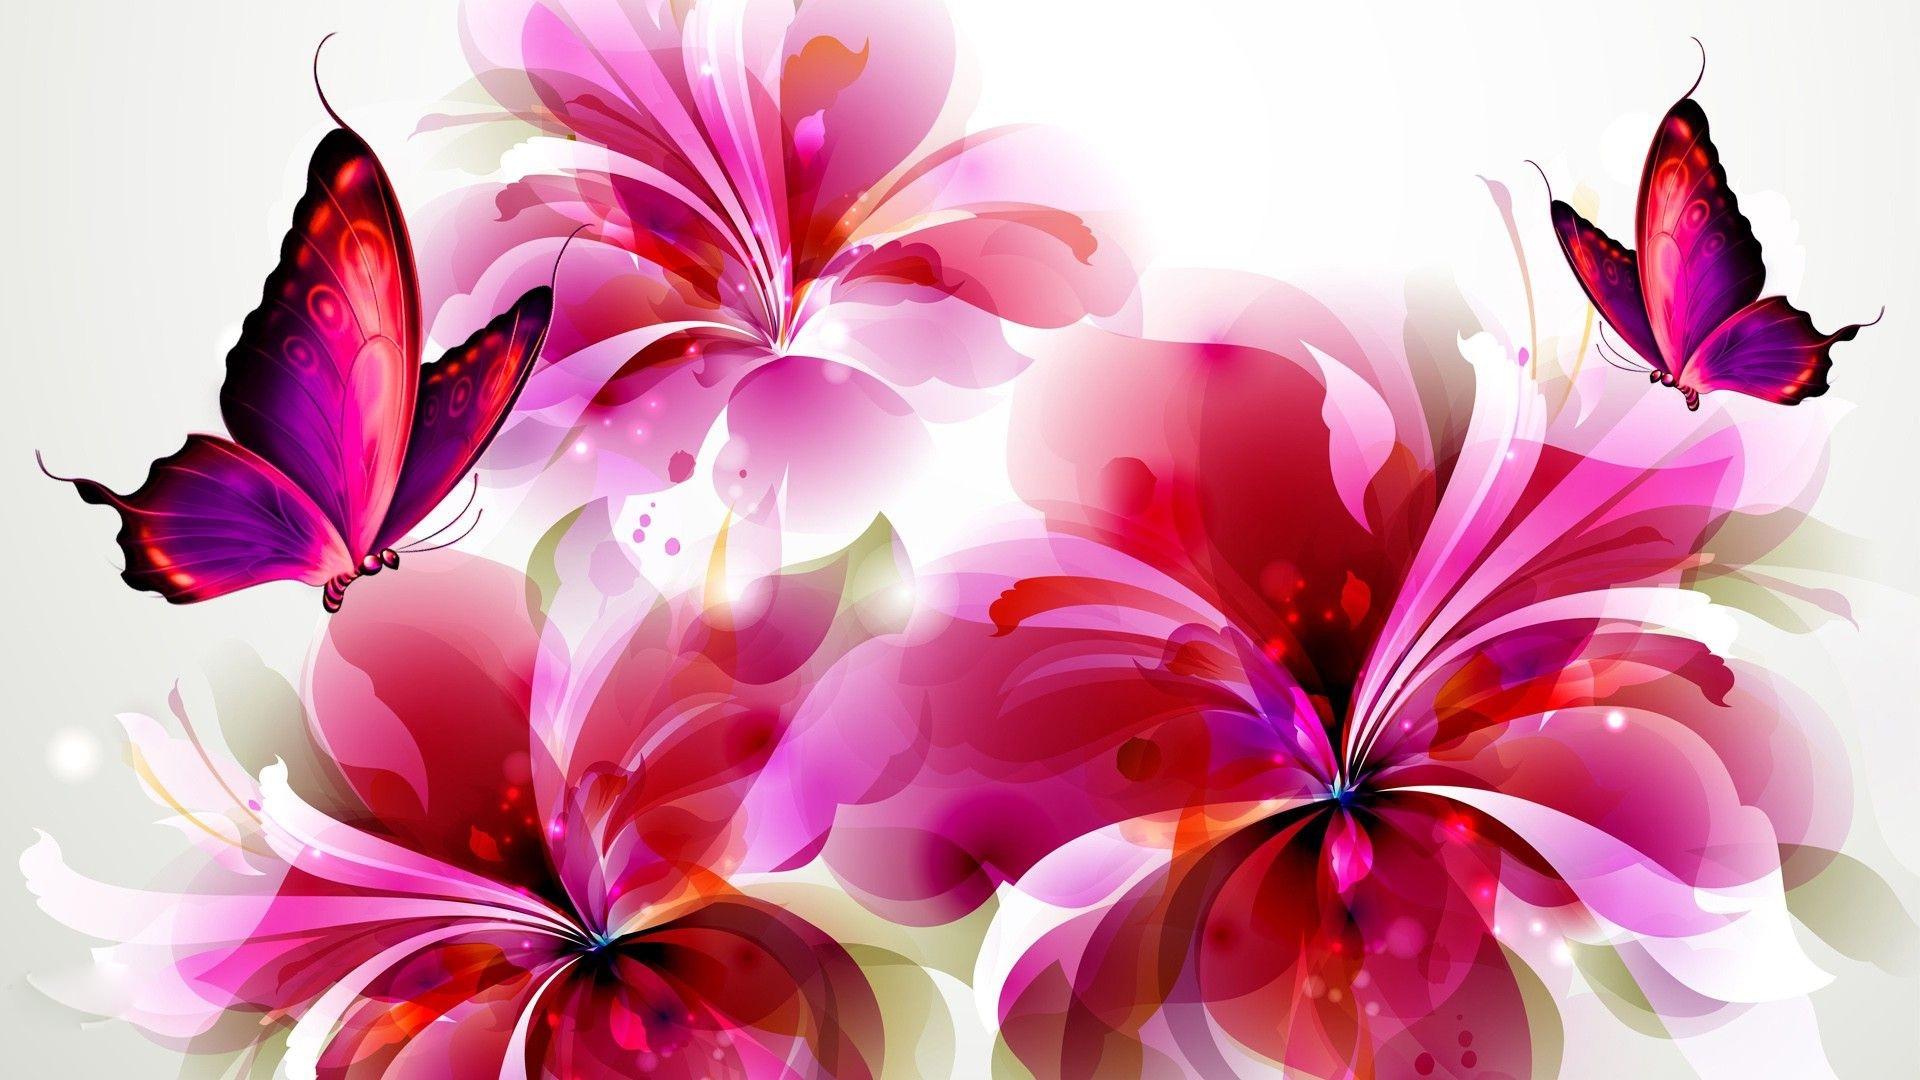 flower with butterfly wallpaper | hd desktop background